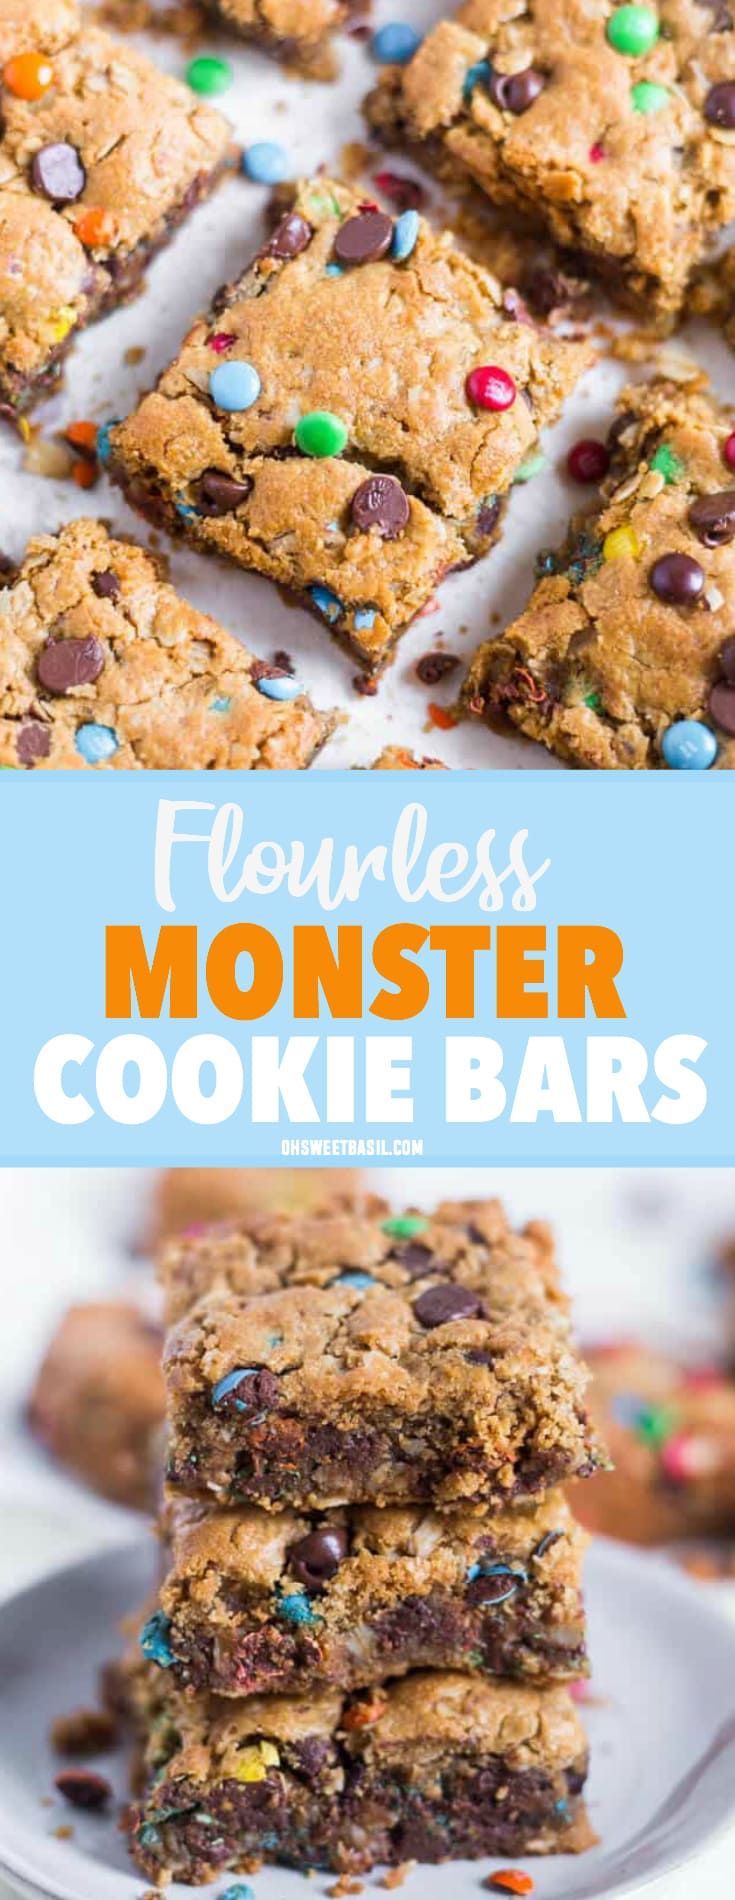 A batch of flourless monster cookie bars